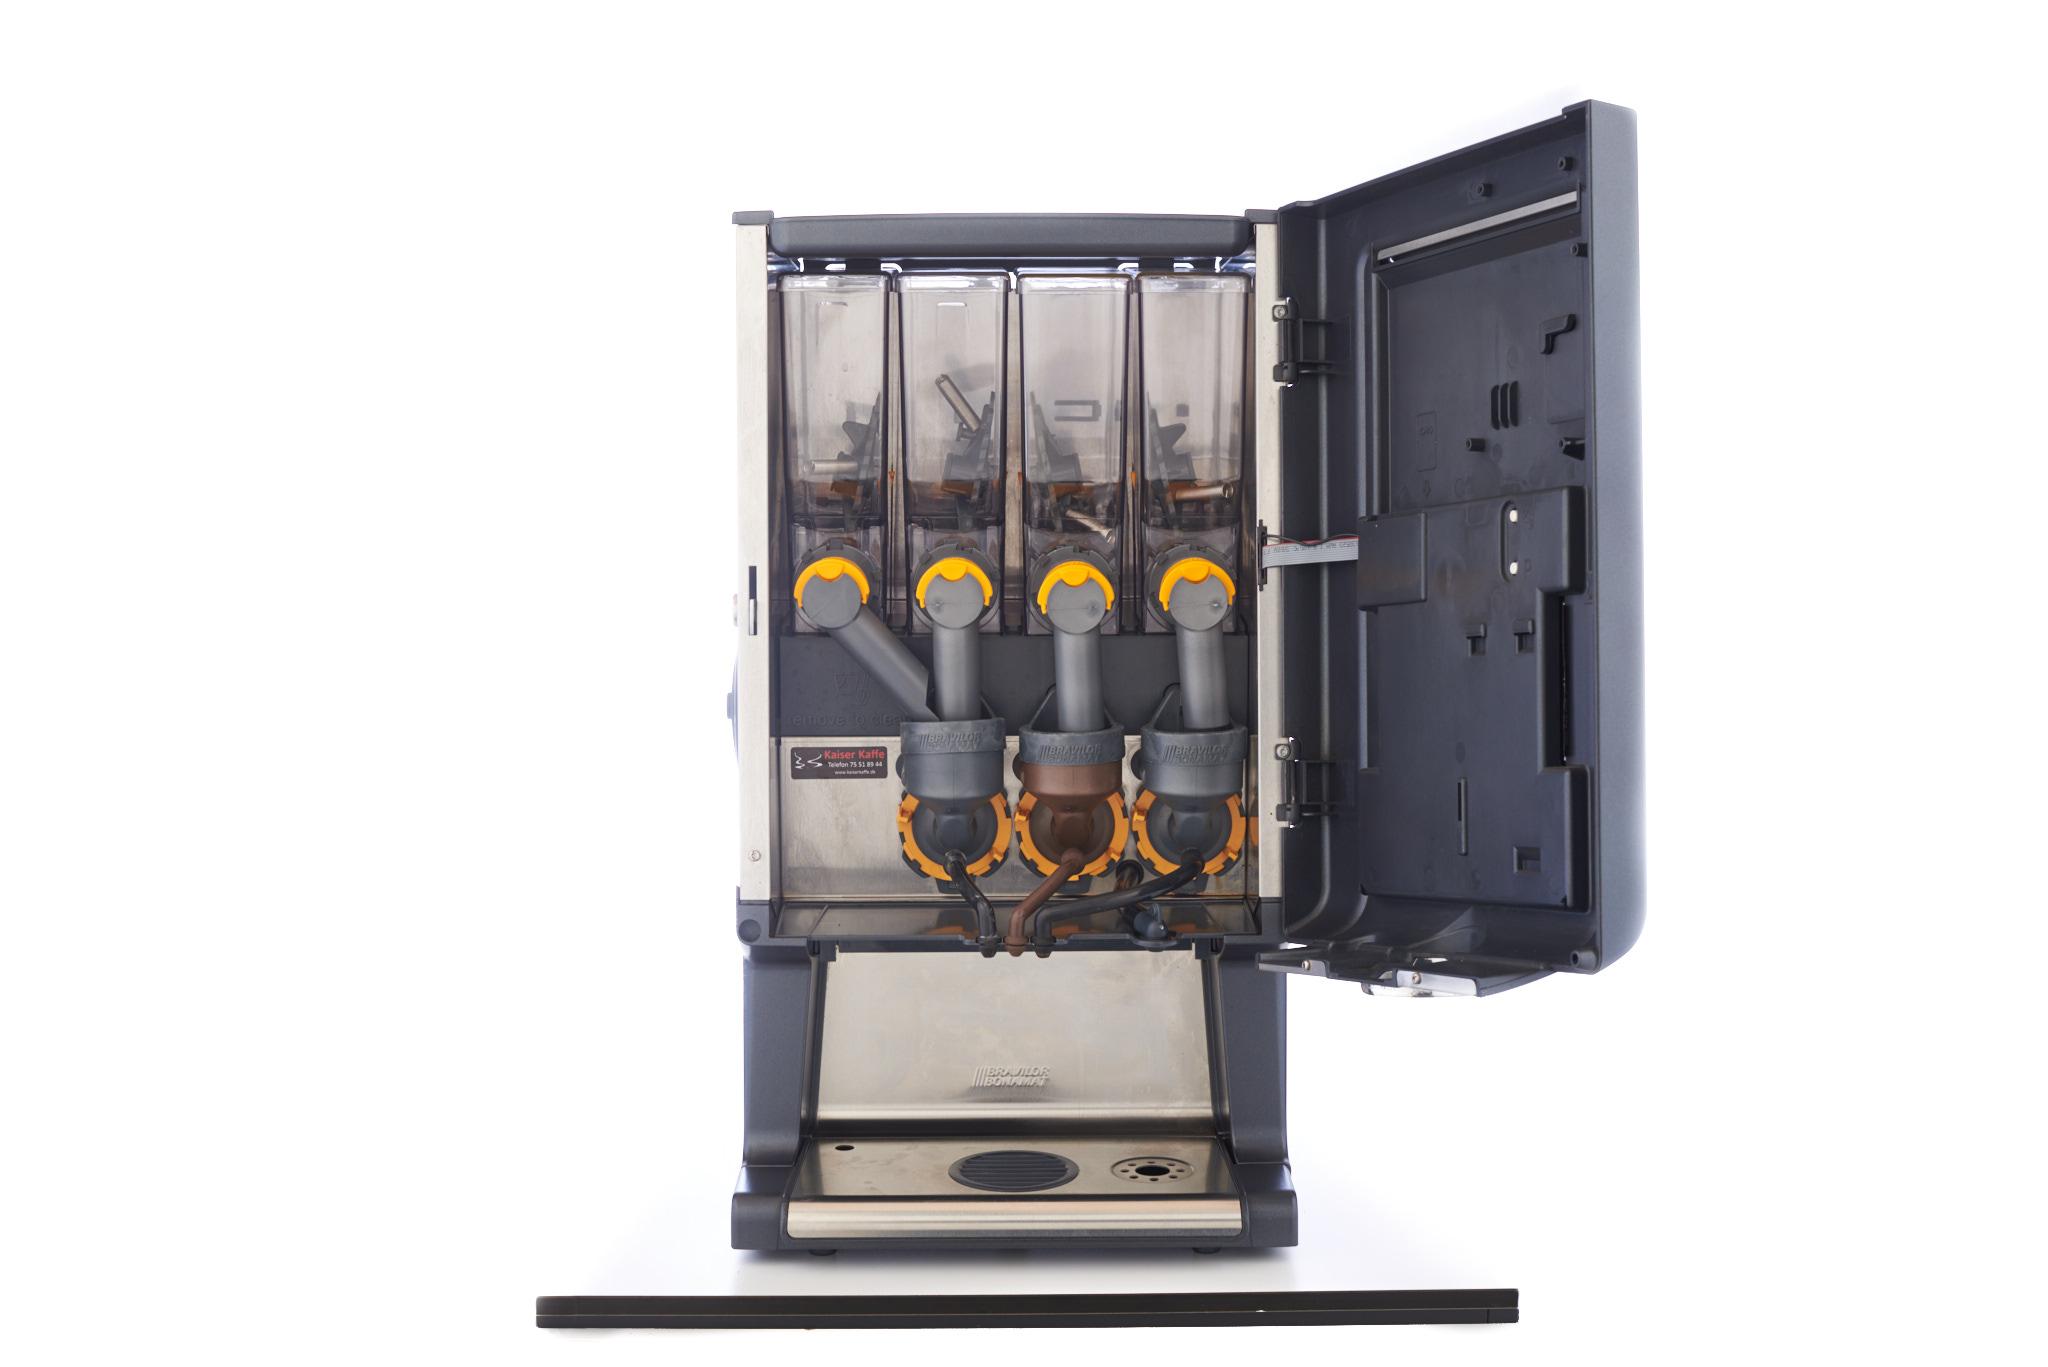 Kaiser Kaffe Bolero 423 13085 - Produkt kategori